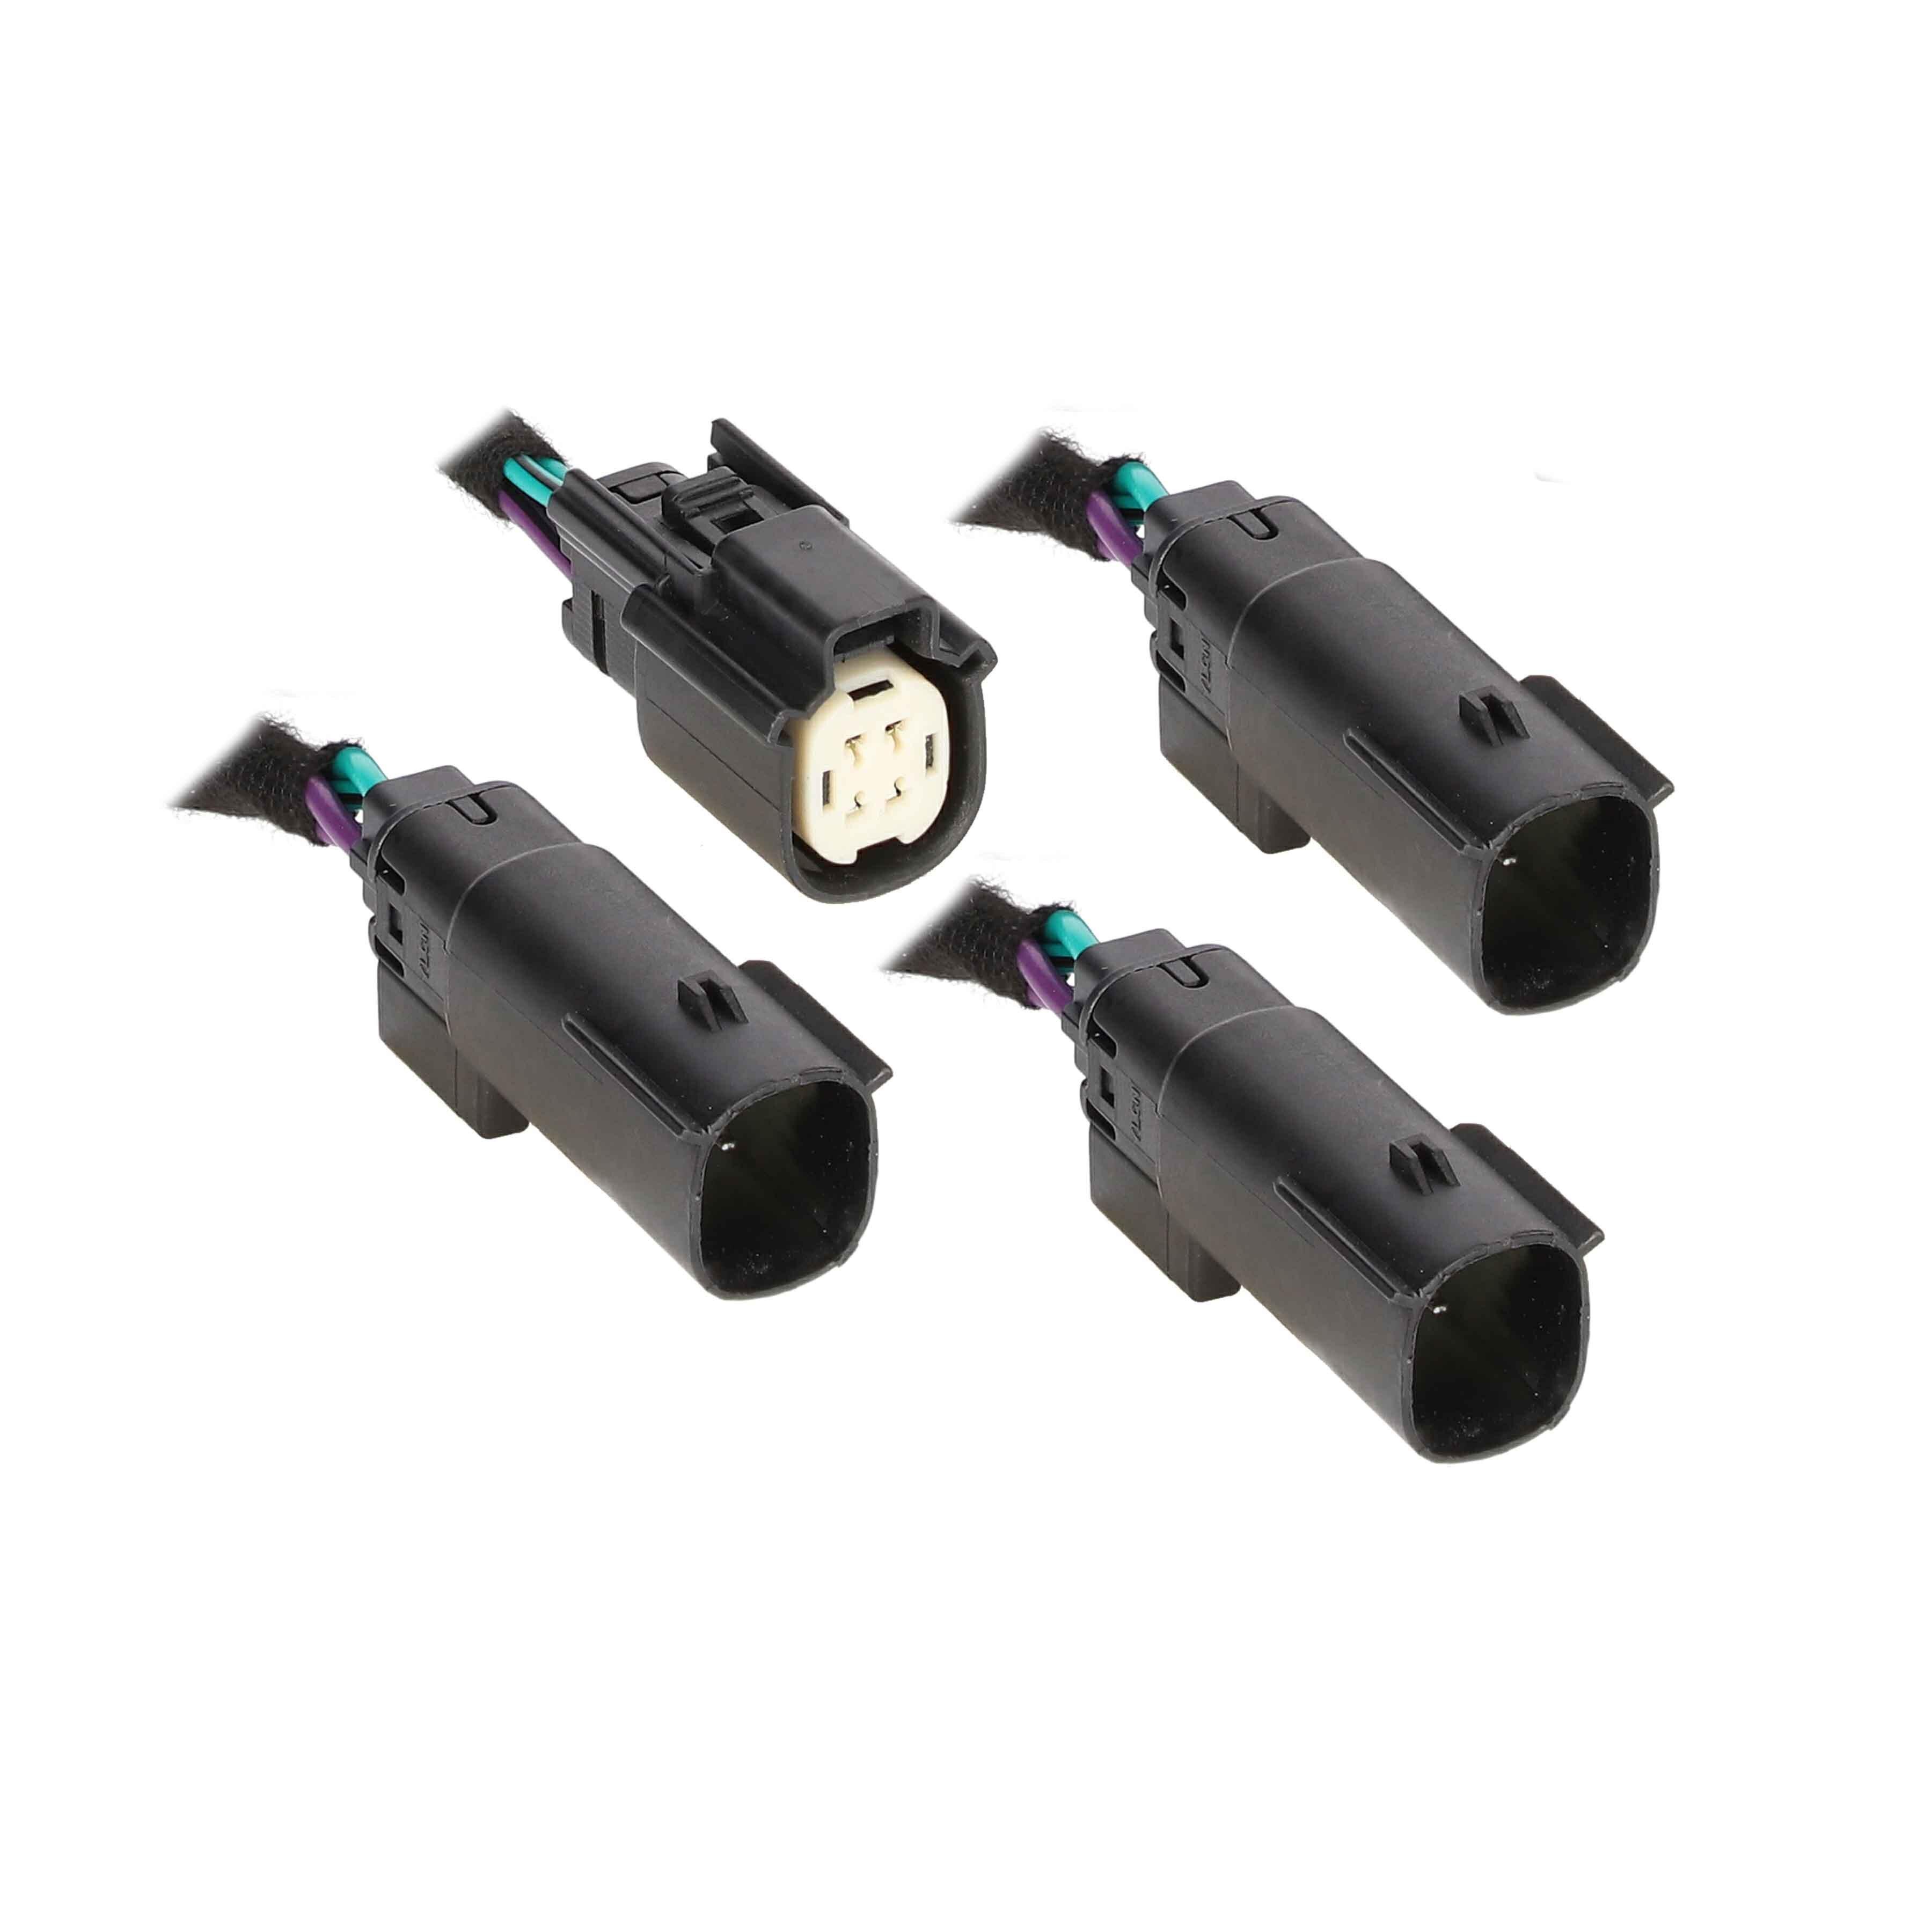 Rear 3-Way Speaker Harness Splitter